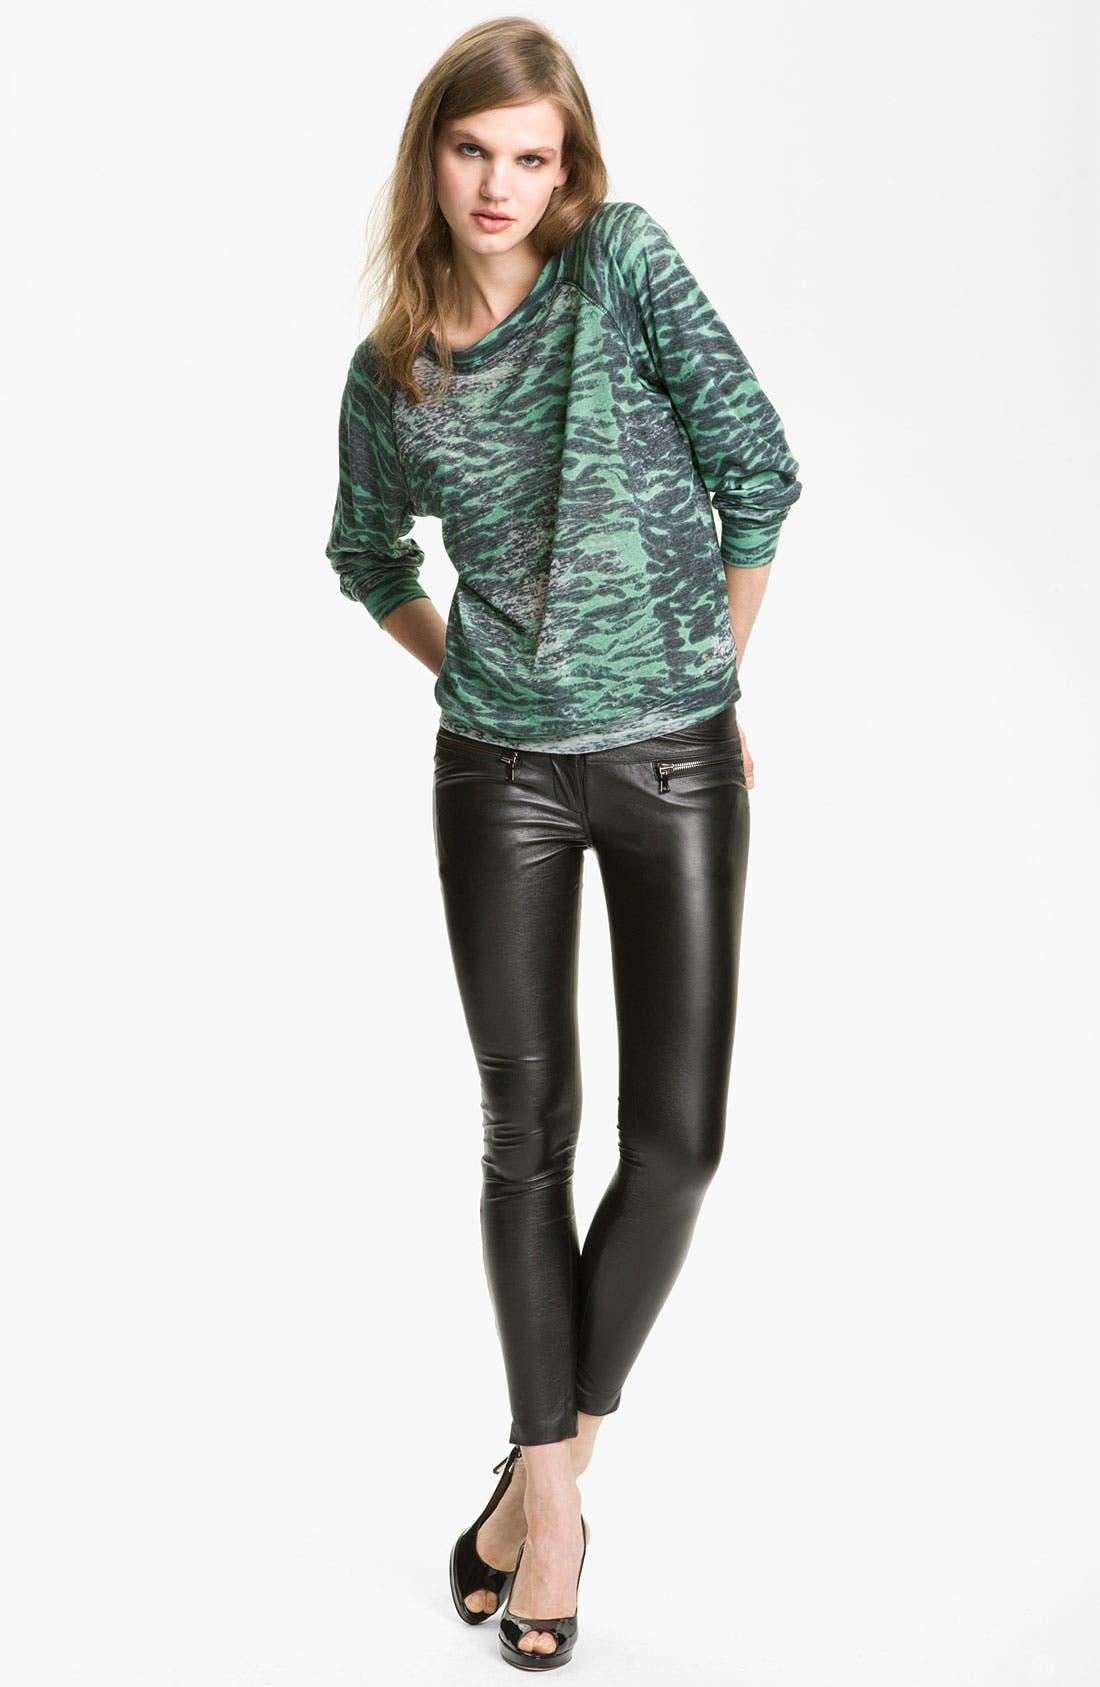 Alternate Image 1 Selected - Kelly Wearstler 'Idol' Burnout Sweatshirt